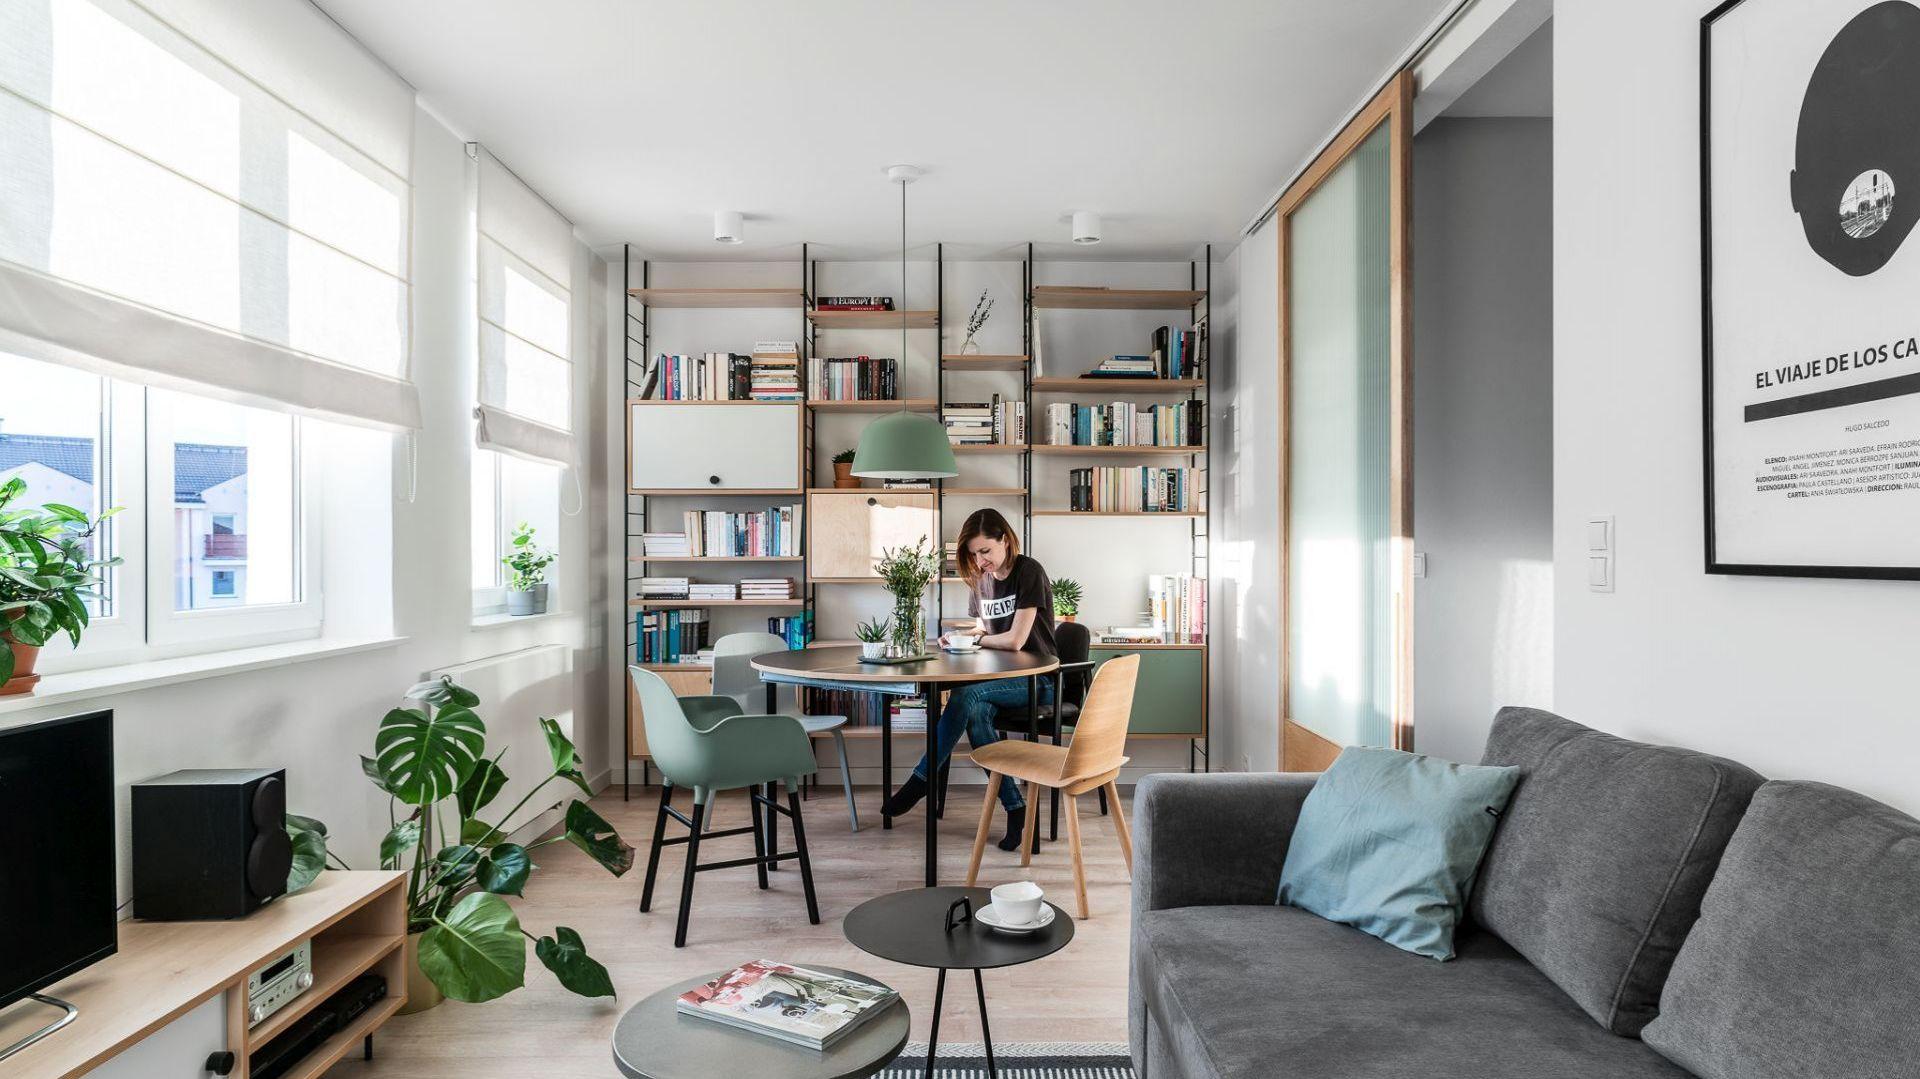 W tym niewielkim salonie szarość kanapy połączono z miętowymi akcentami i naturalnym drewnem. To świetne zestawienie do małych wnętrz. Projekt: Raca Architekci. Fot. Fotomohito